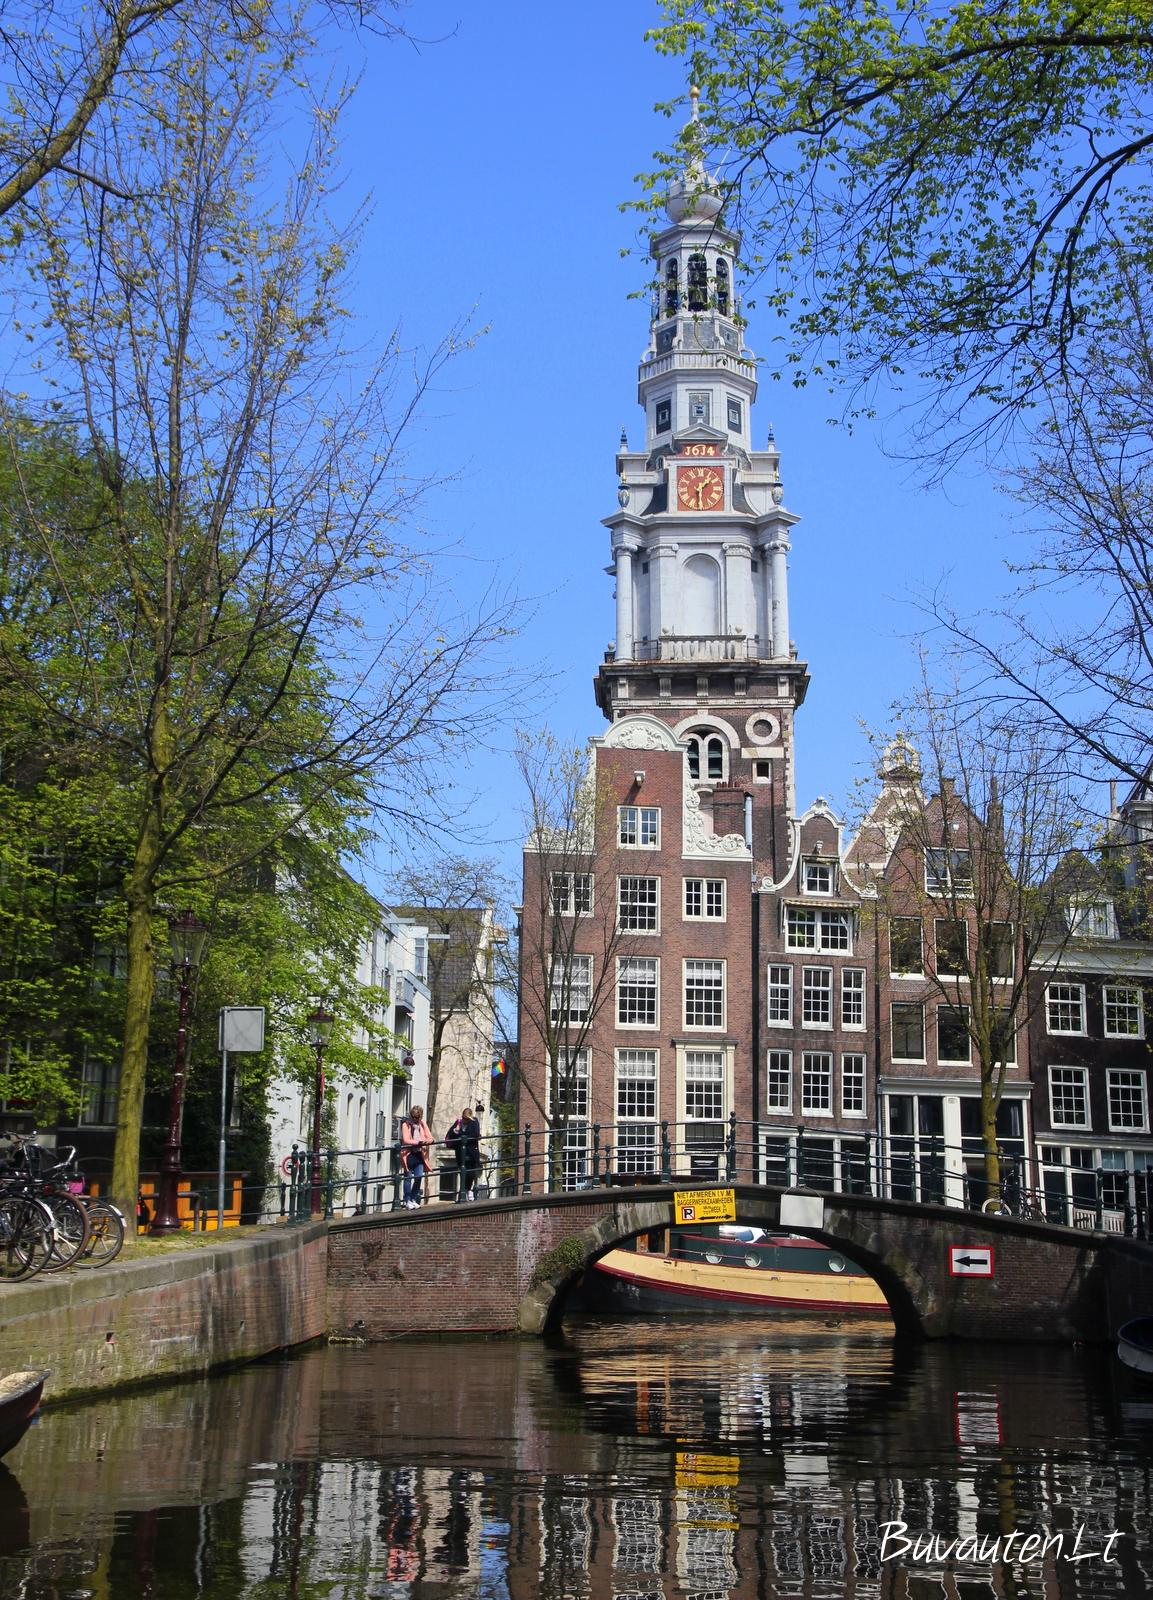 Plaukdami kanalais Amsterdamą pamatysite lyg iš šono